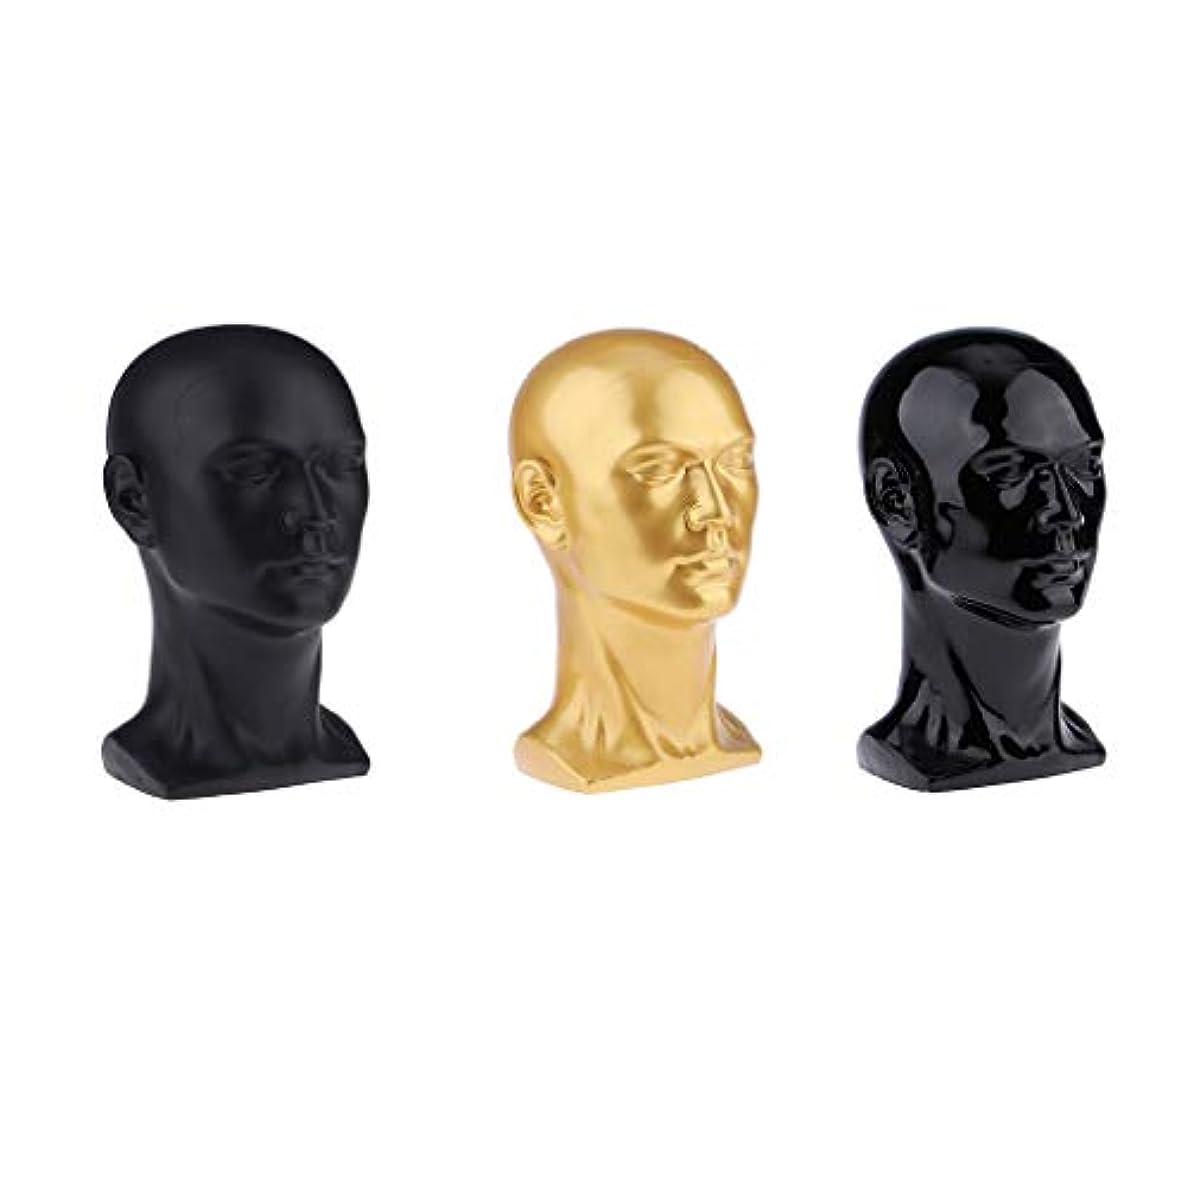 パイプライン国勢調査マーケティングCUTICATE 男性ヘッドモデル プラスチック メガネ ヘッド かつらディスプレイ スタンド ホルダー 装飾